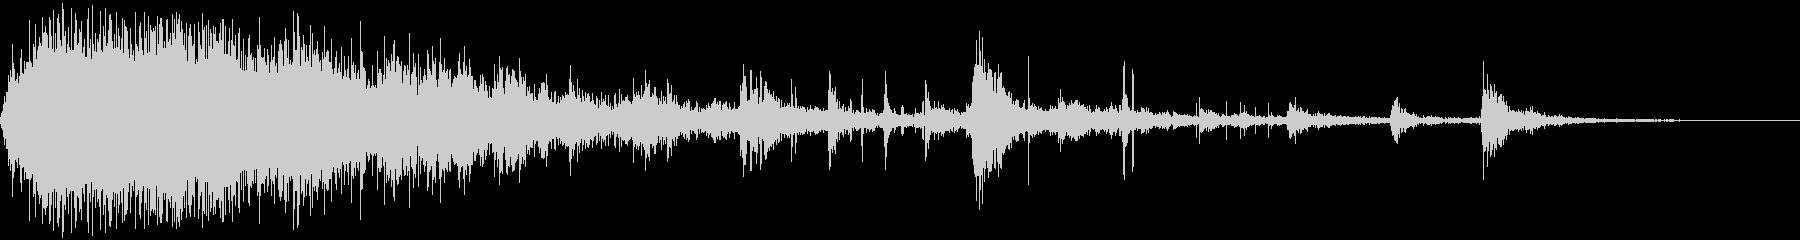 DEBRISによる大規模なメタルク...の未再生の波形